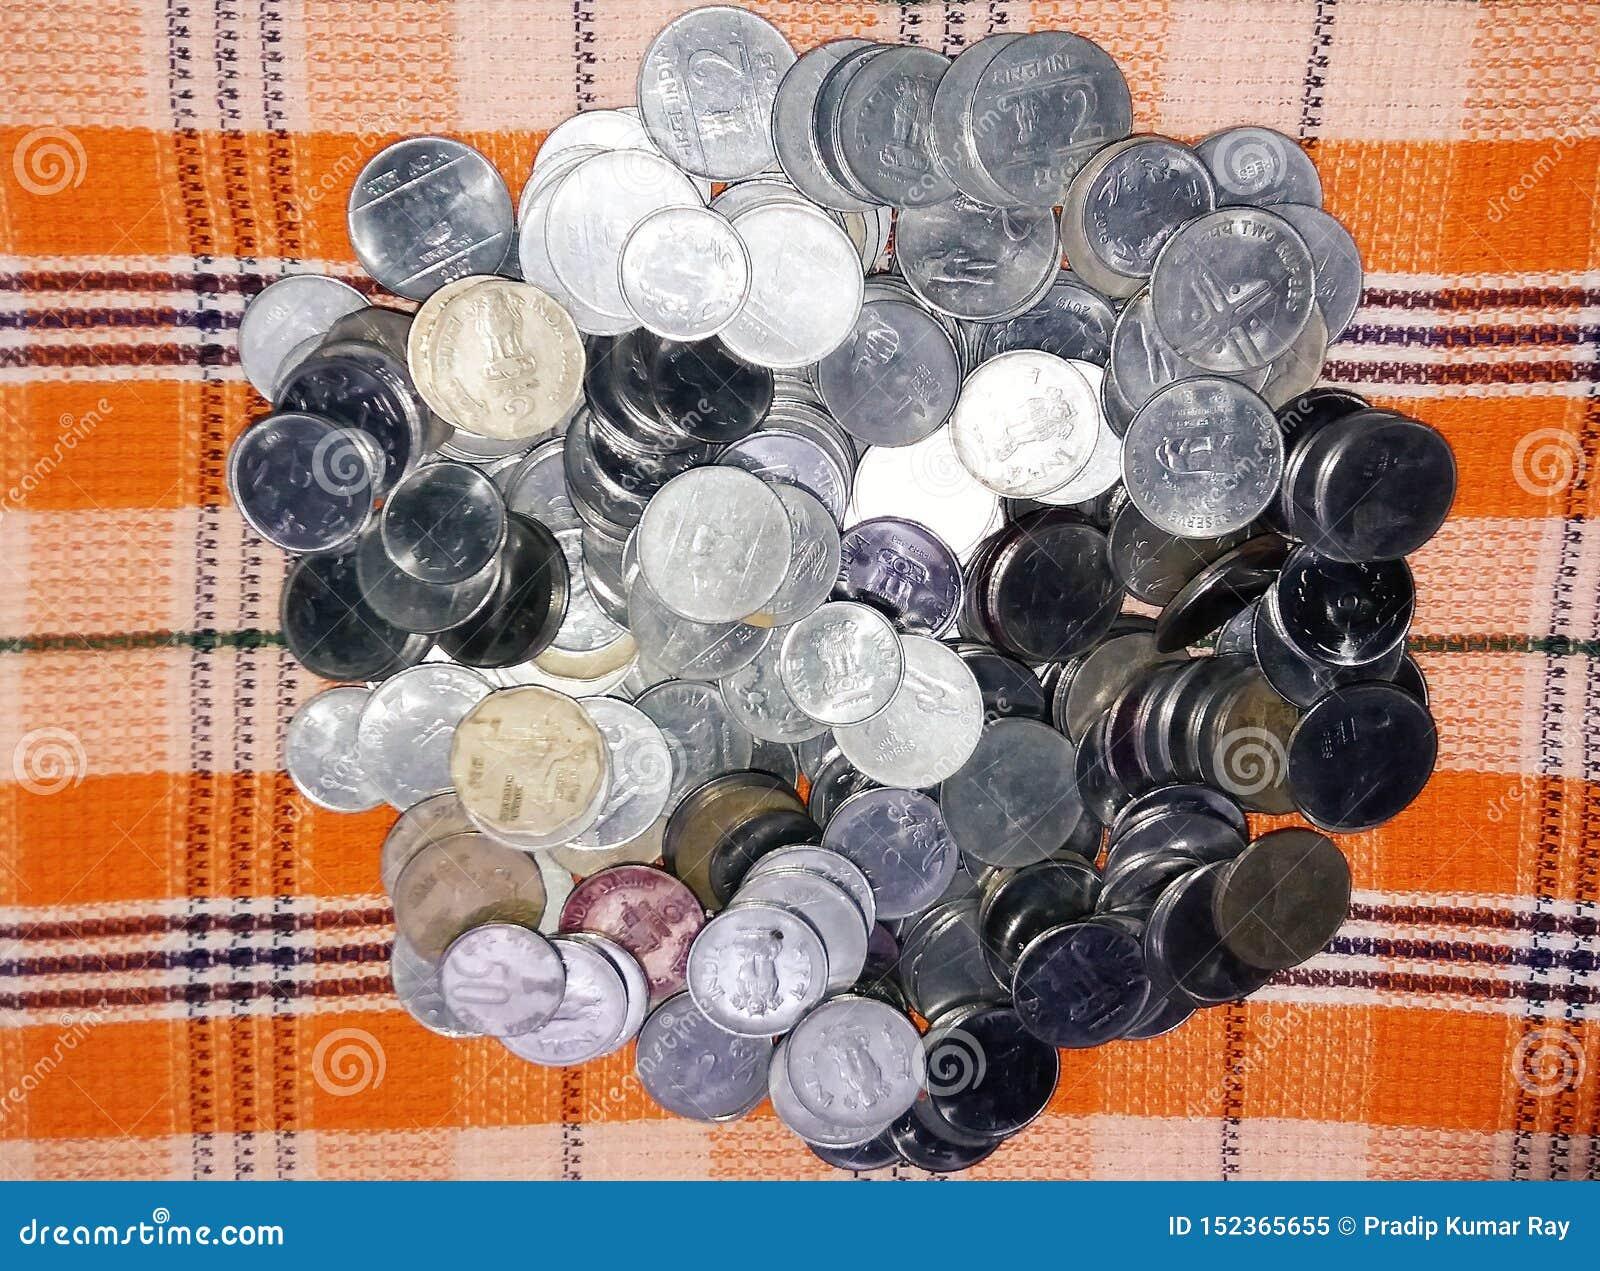 De indiska mynten som publiceras på olika tider